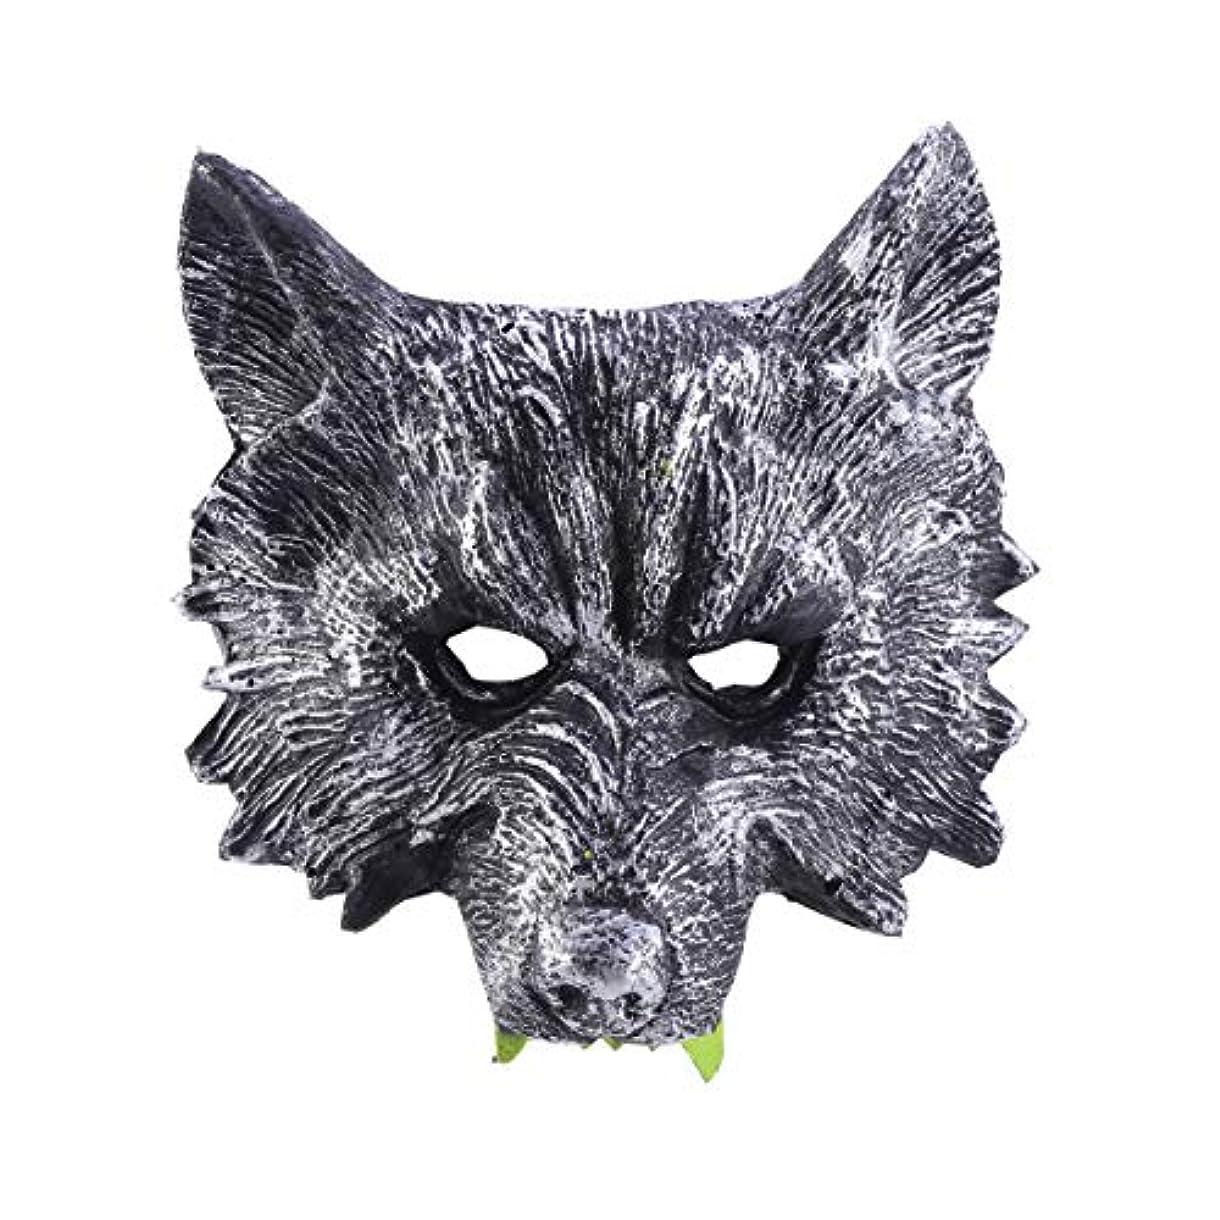 農村割り当てます作りますToyvian ハロウィーン仮装パーティーのための灰色オオカミマスク